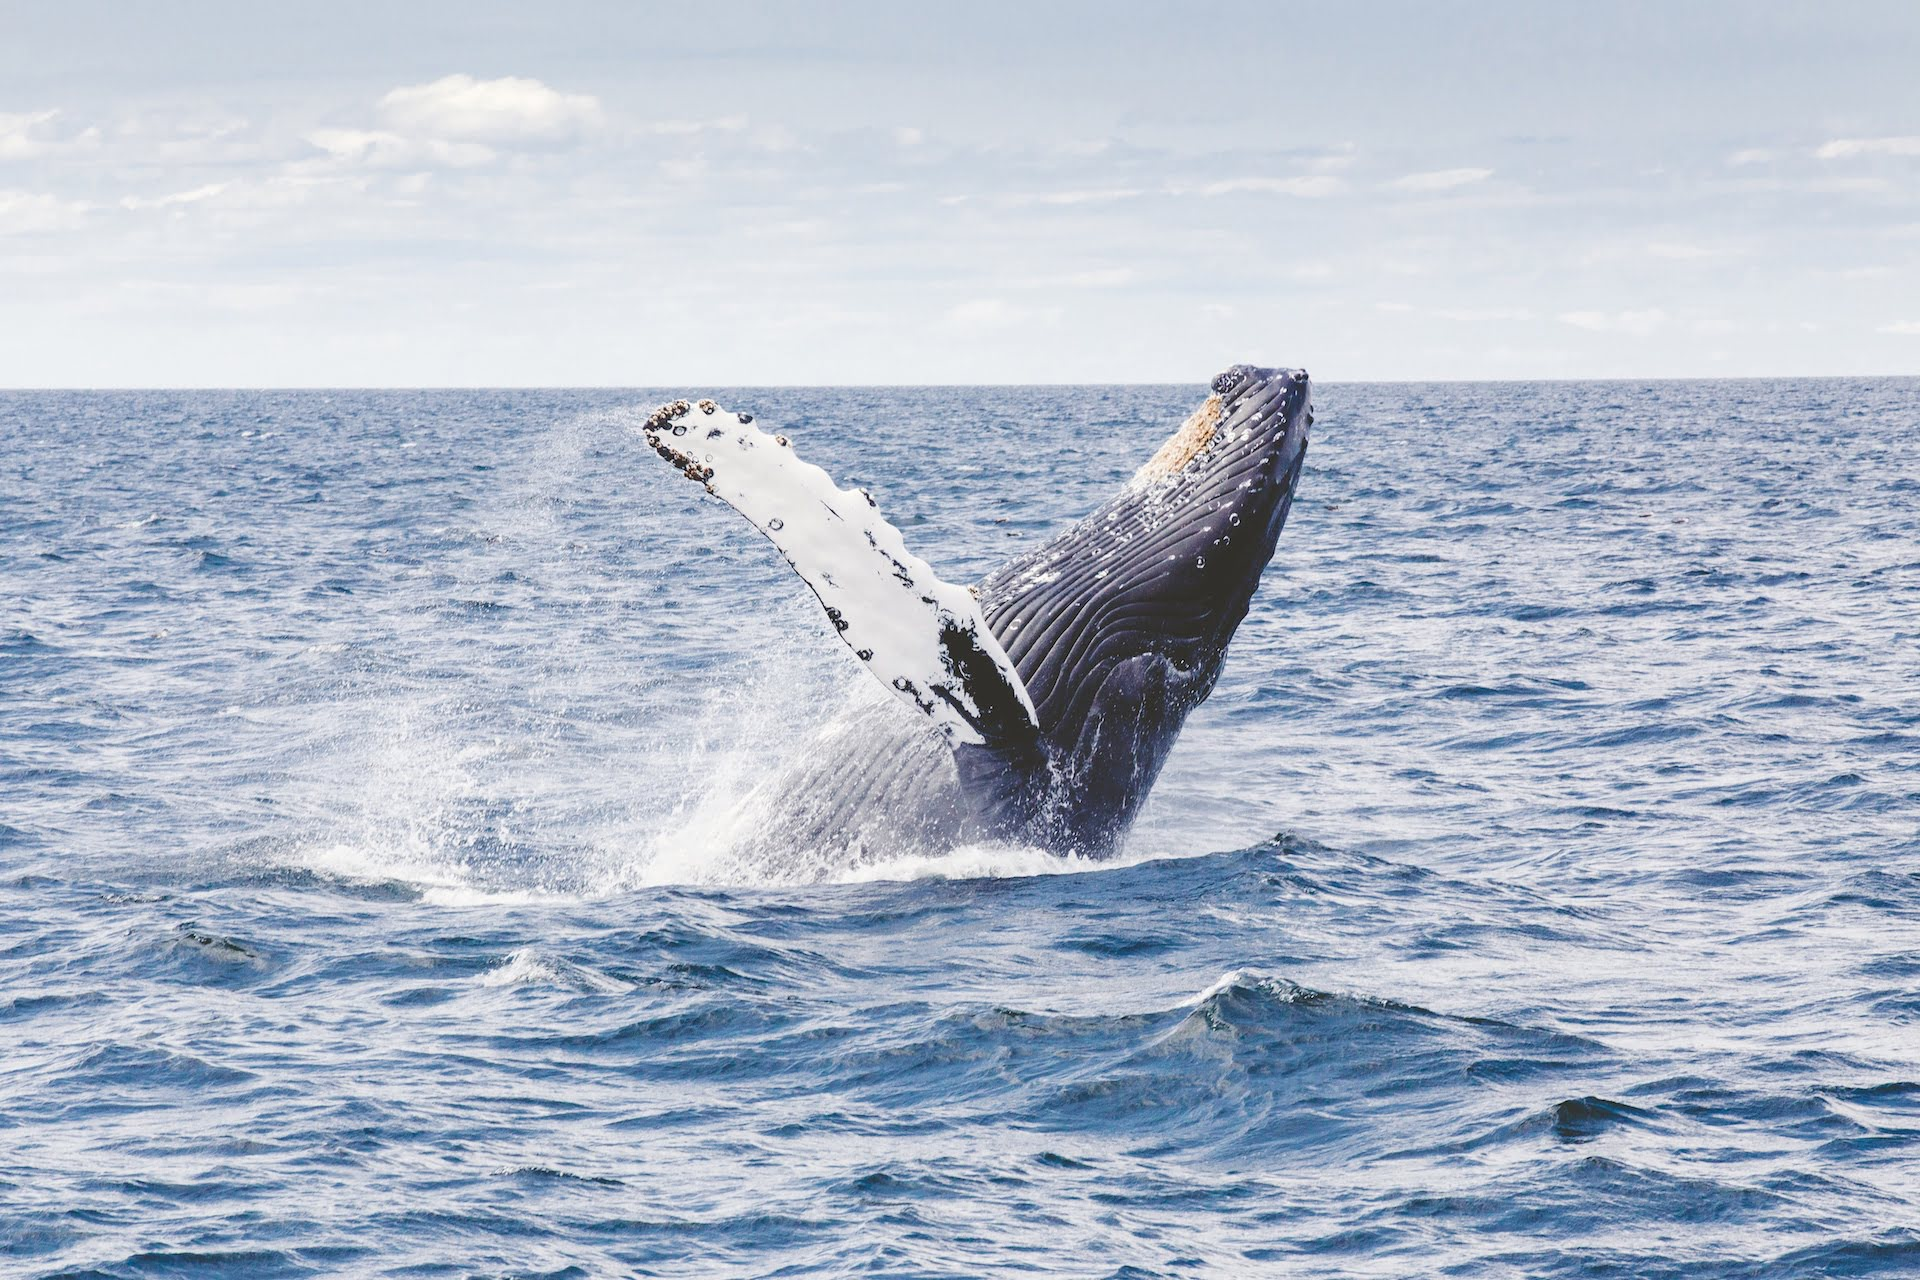 whale Humpback splash jump sea mammal 海洋生態:臺灣鯨魚的觀光資源與鯨豚種類介紹